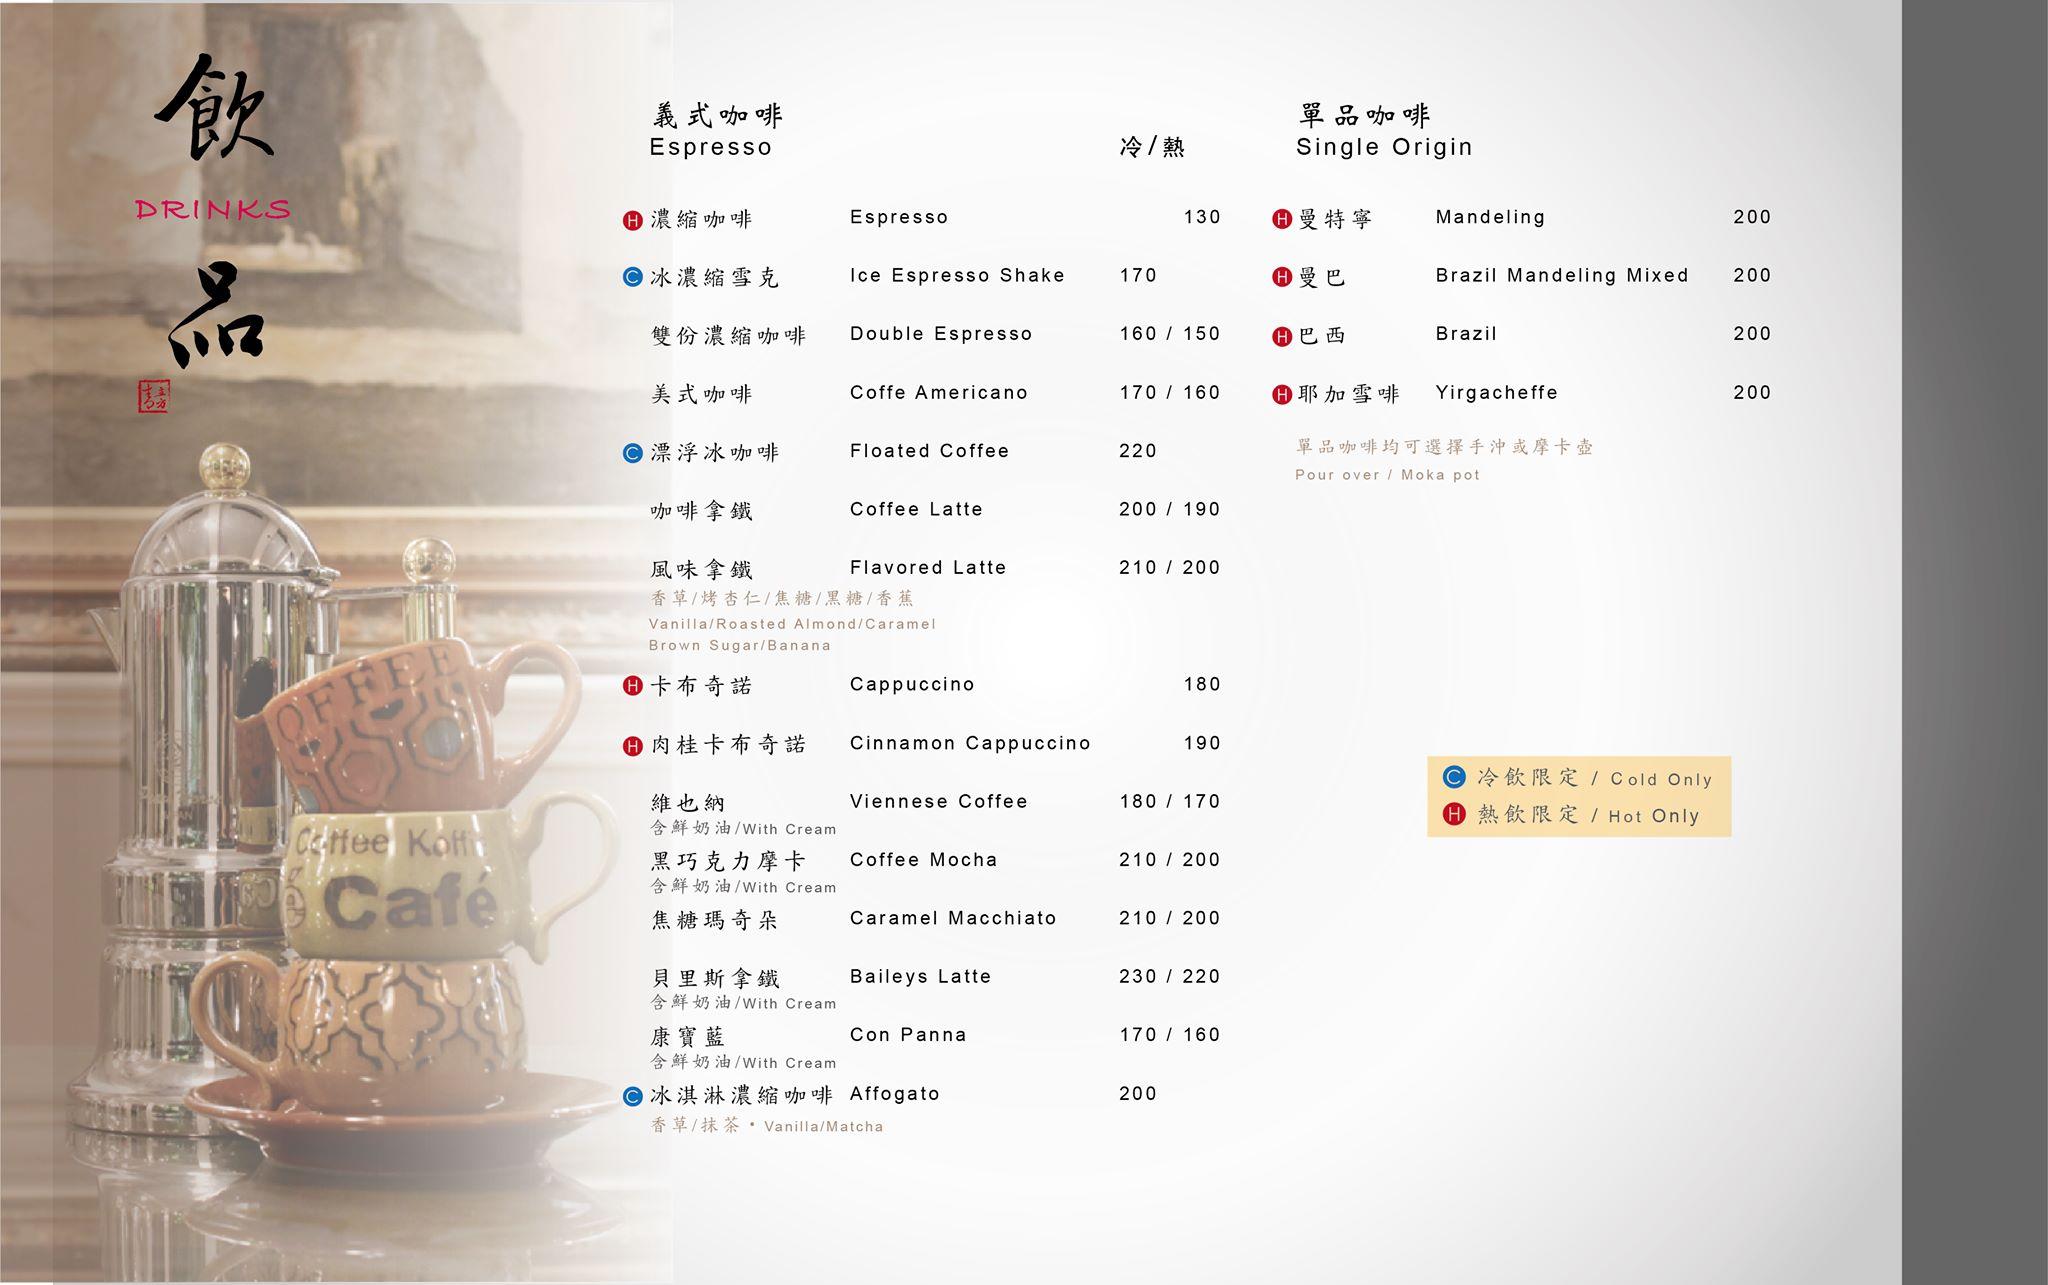 【銀河洞青立方】青立方 Greenery Cube Café-新店夢幻景觀餐廳|銀河洞秘境 @GINA LIN